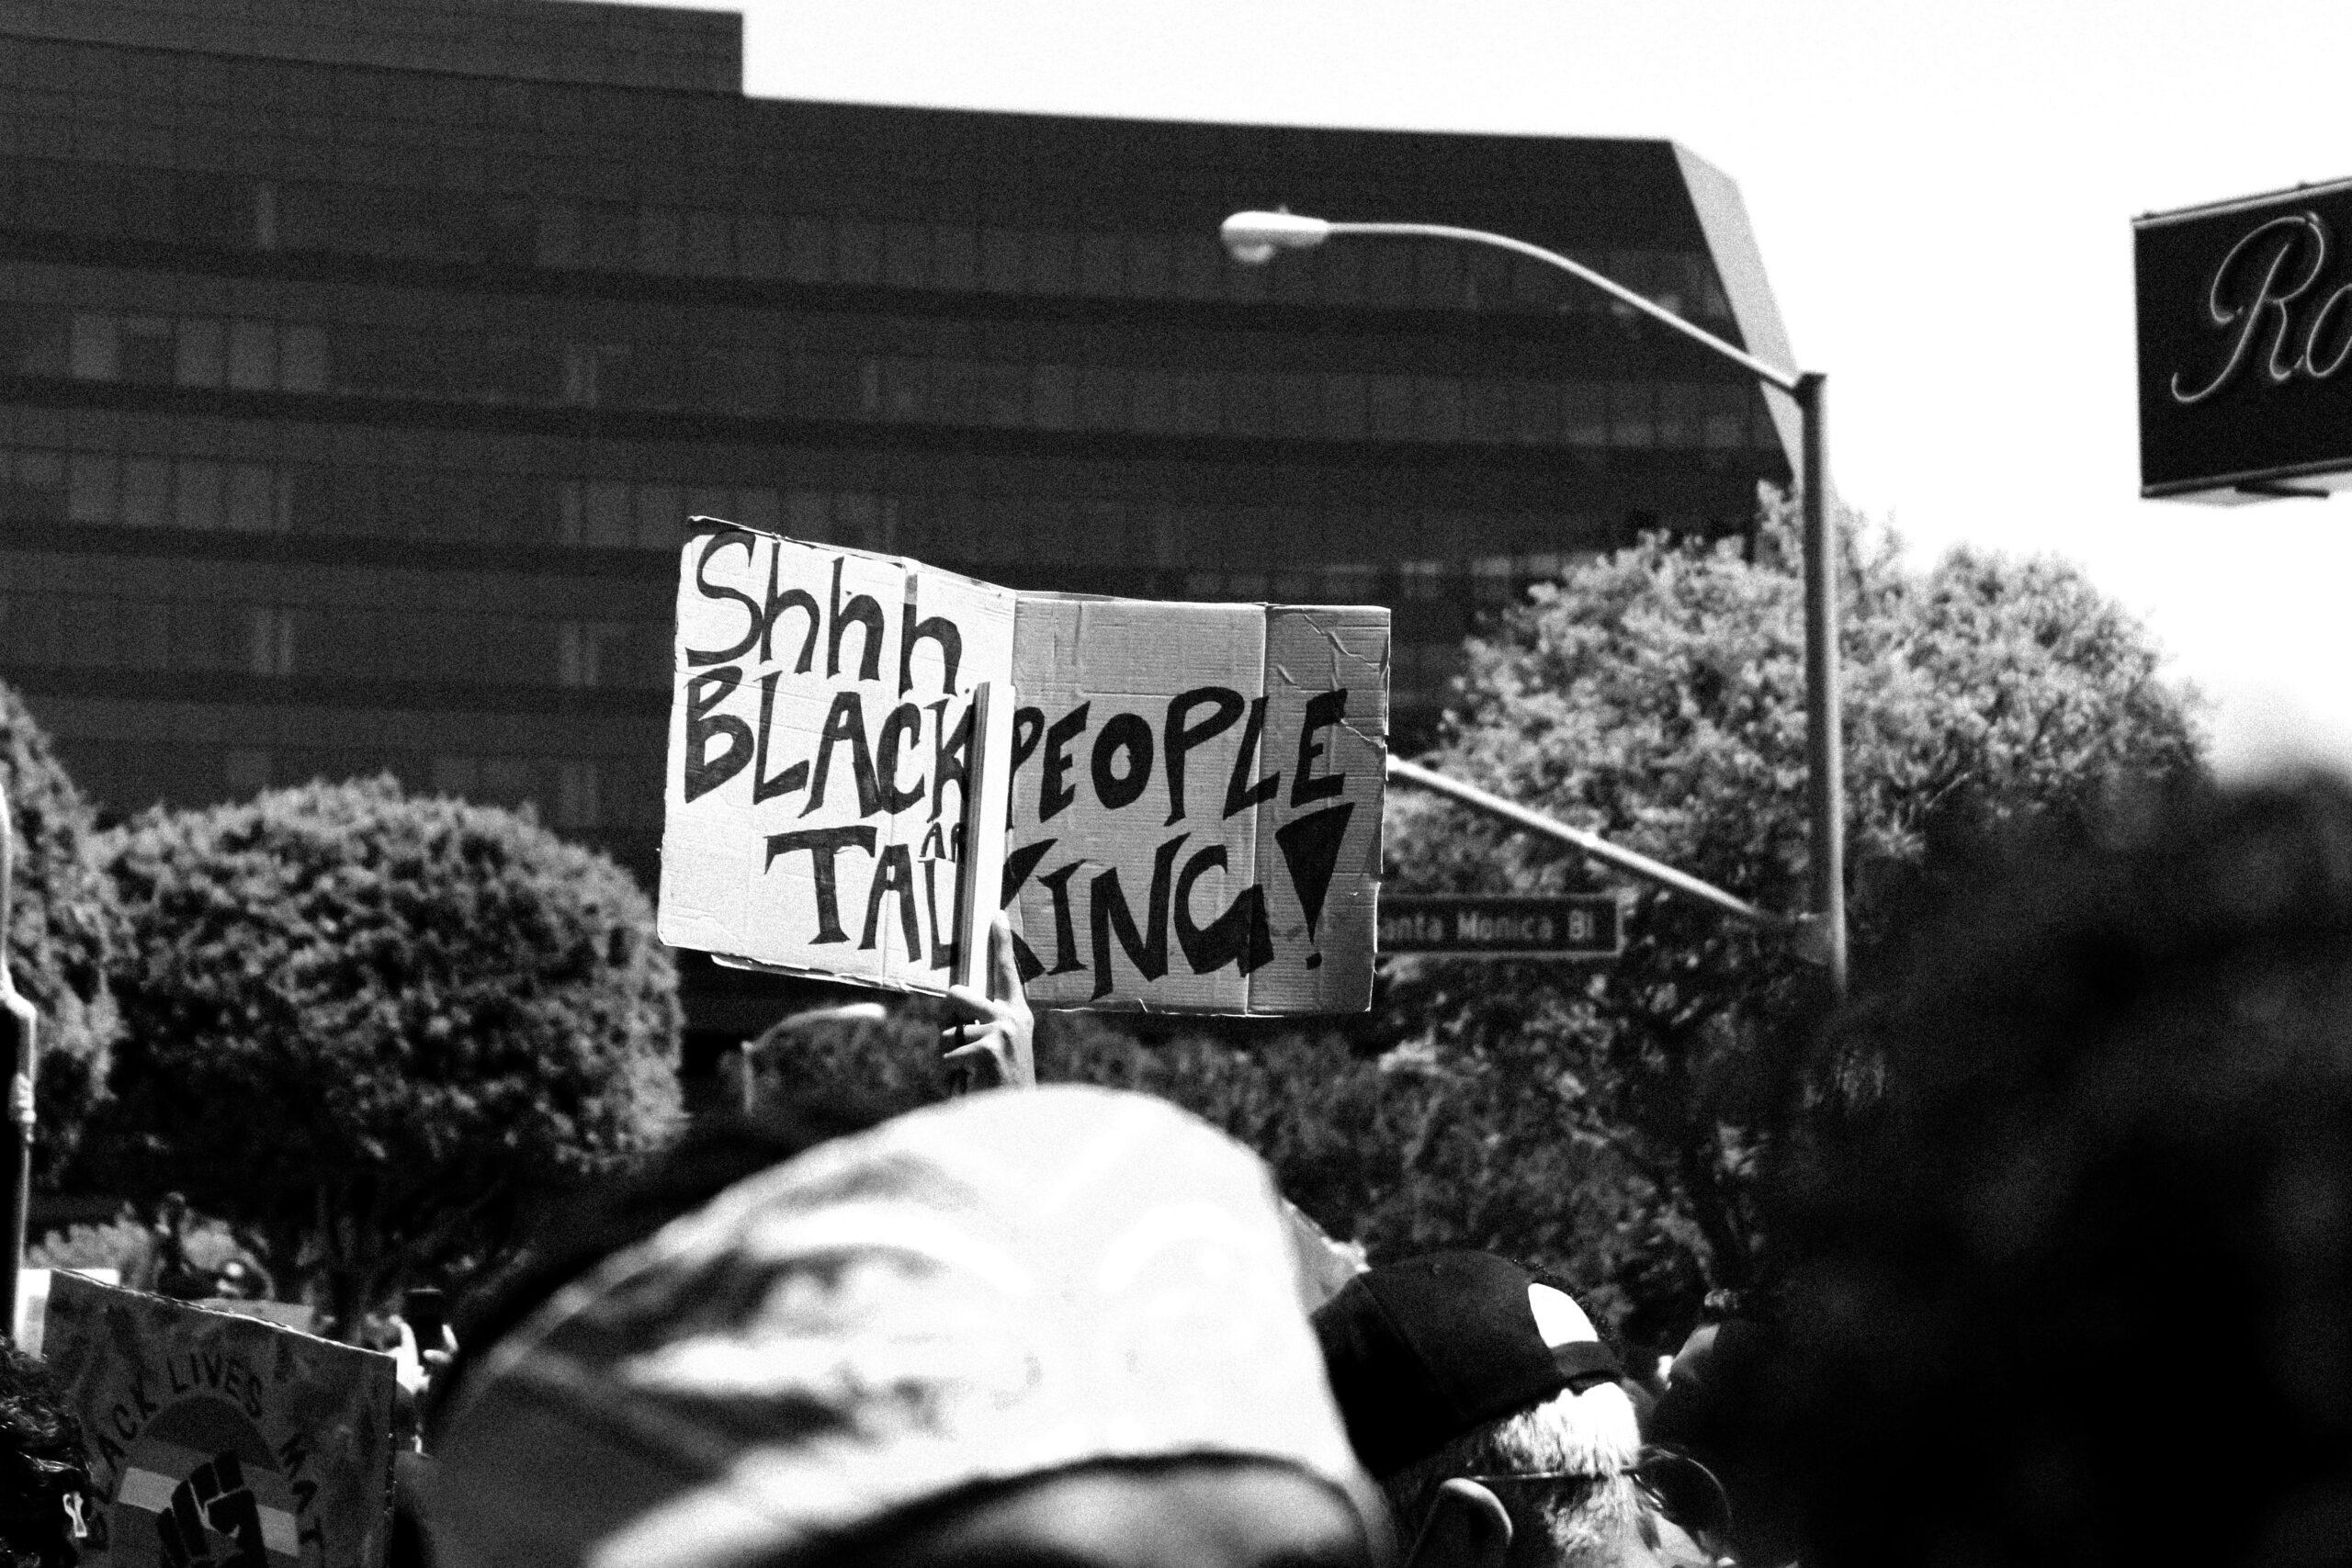 Szenvedhetnek-e fehérek faji diszkriminációt?